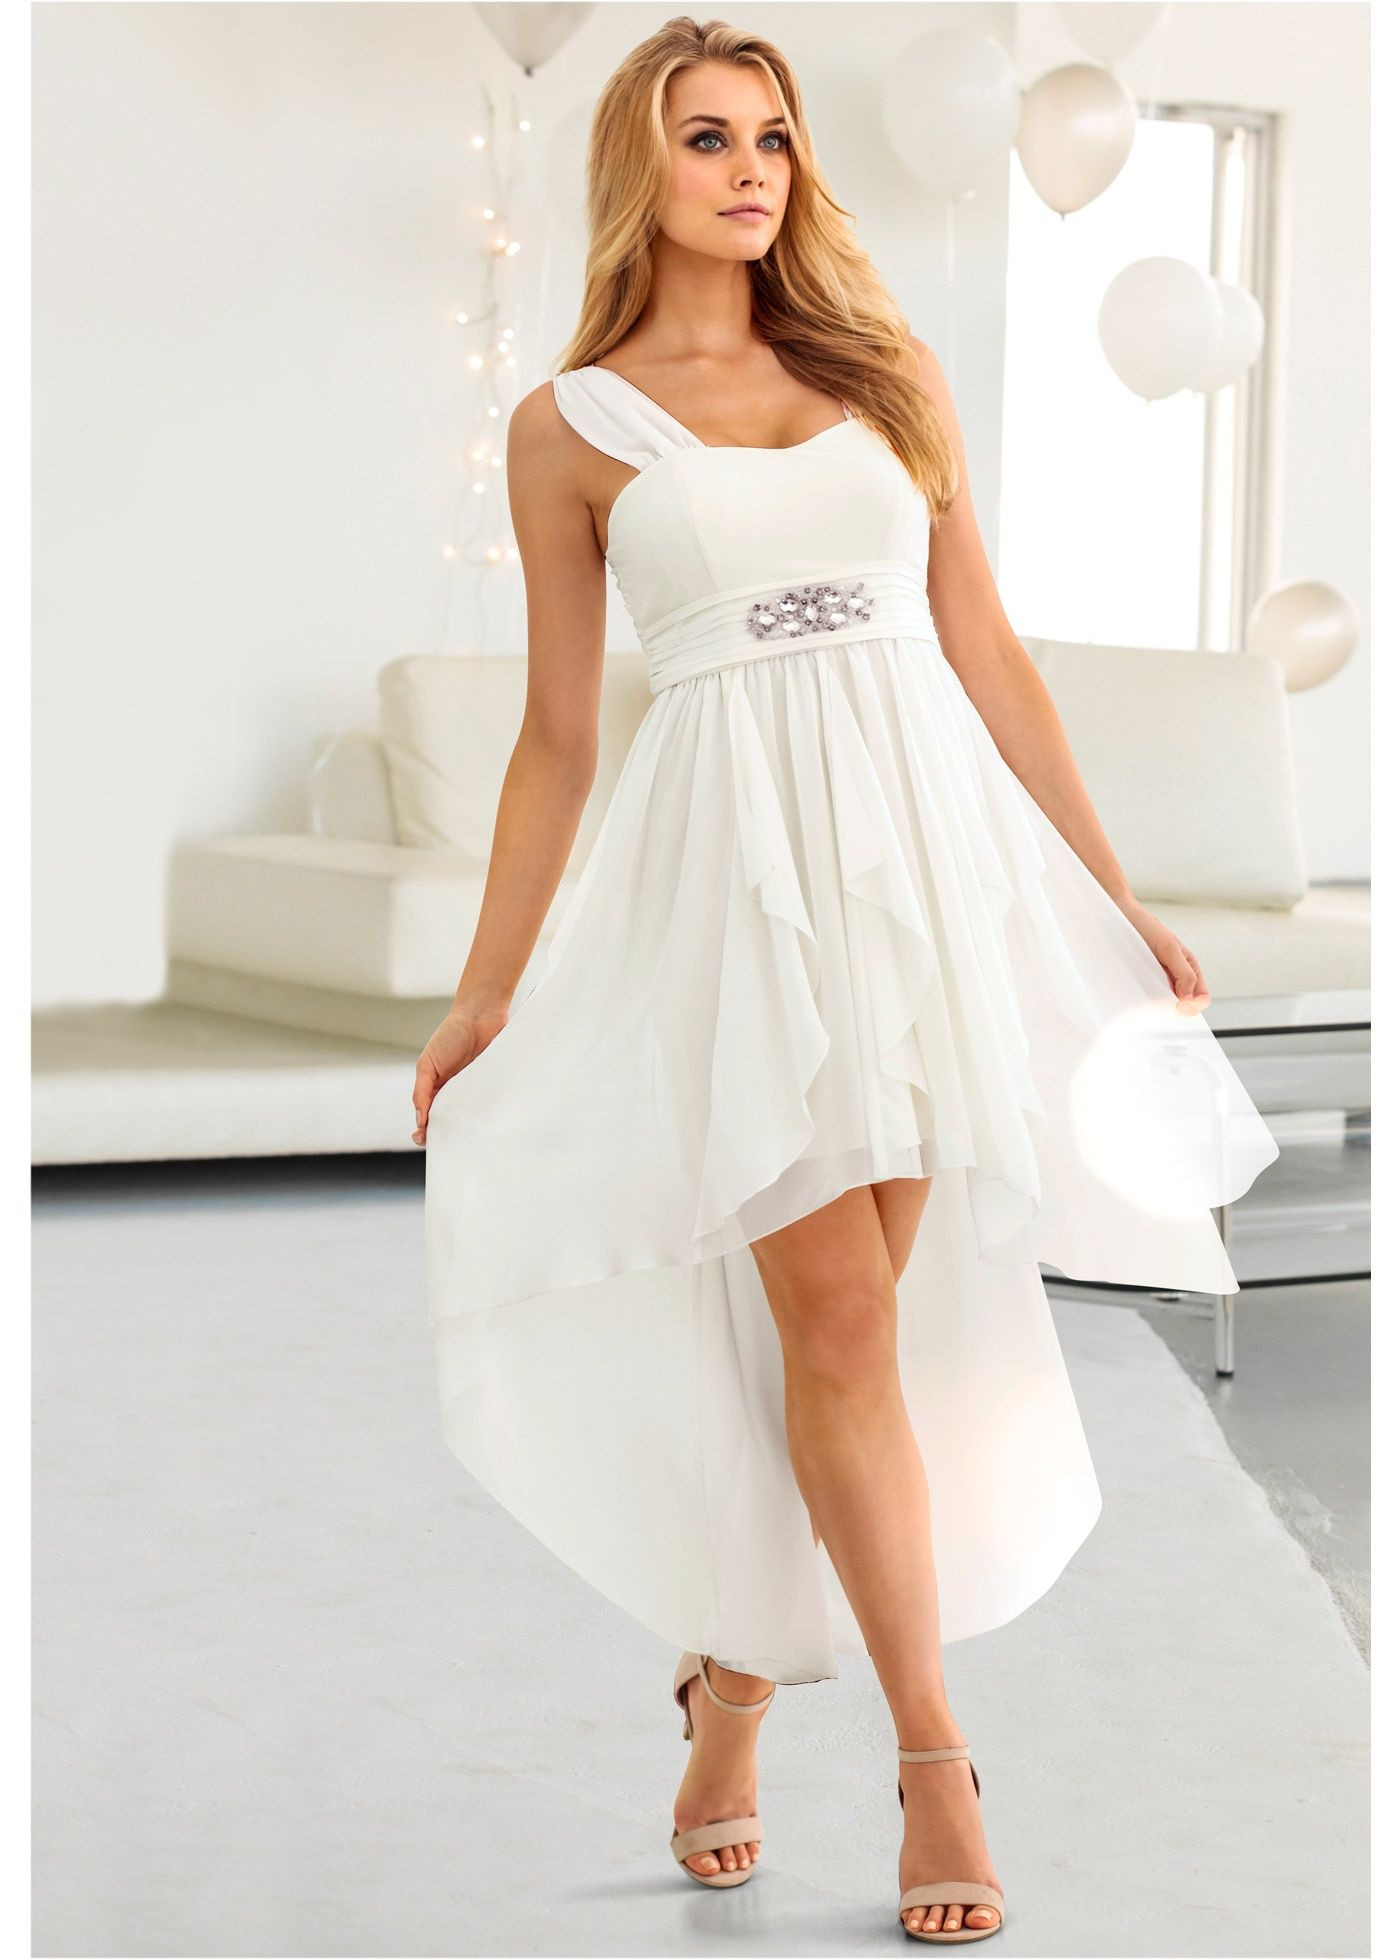 19 Kreativ Elegante Kleider Für Hochzeit Kurz Für 1919 - Abendkleid